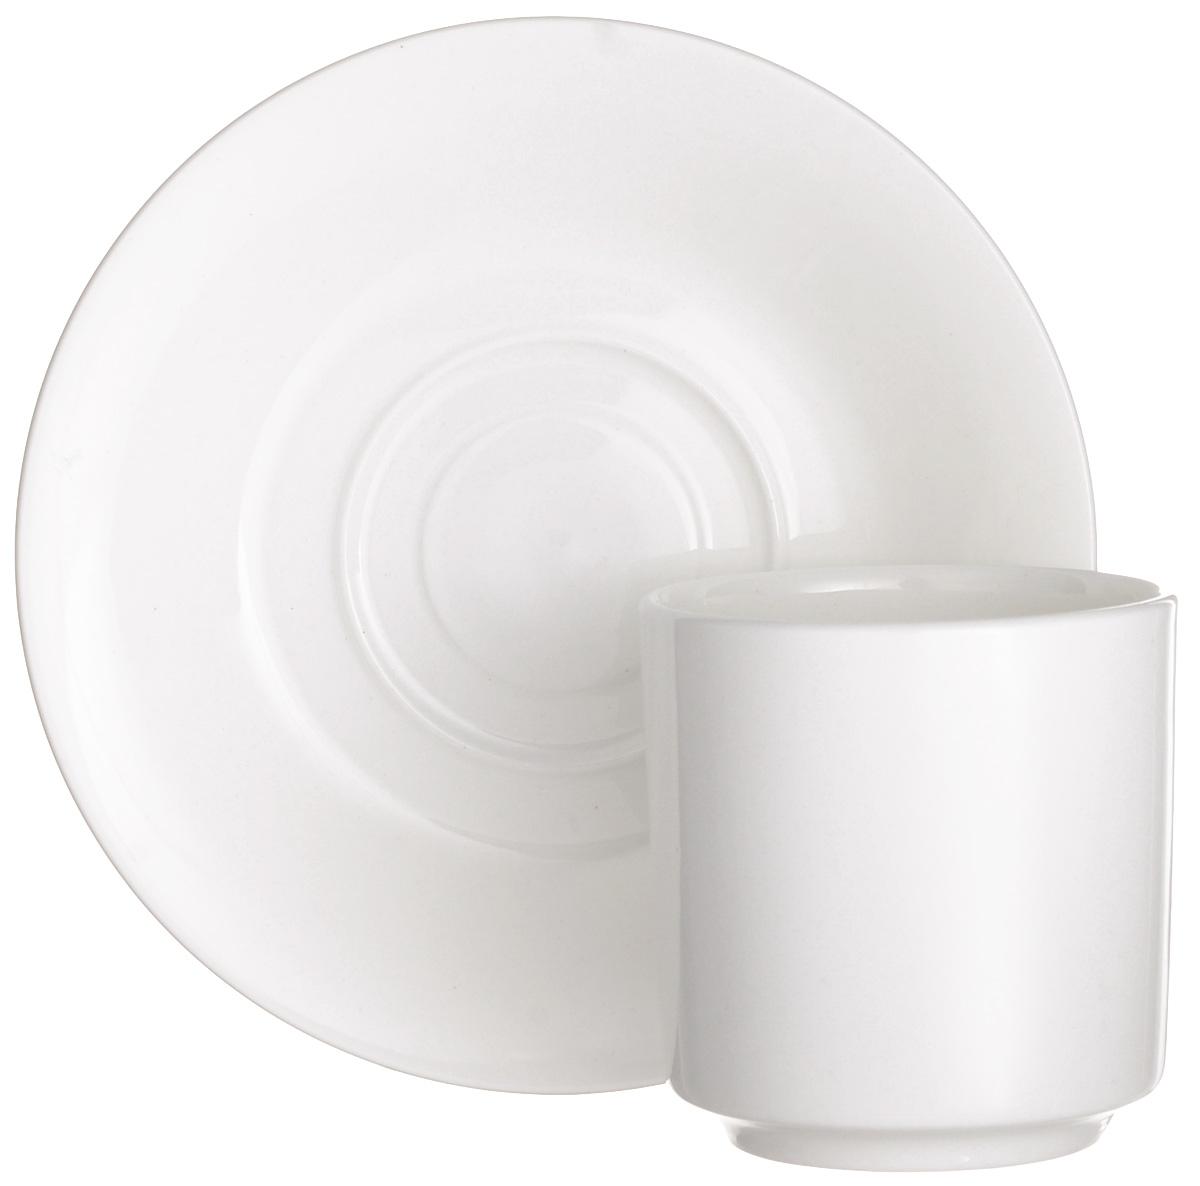 Чайная пара Wilmax, 2 предмета. WL-993020WL-993020 / ABЧайная пара Wilmax состоит из чашки и блюдца, выполненных из высококачественного фарфора.Чайная пара украсит ваш кухонный стол, а также станет замечательным подарком к любому празднику.Объем чашки: 150 мл.Диаметр чашки (по верхнему краю): 6,5 см.Диаметр основания чашки: 4,5 см.Высота чашки: 7 см.Диаметр блюдца: 14 см.